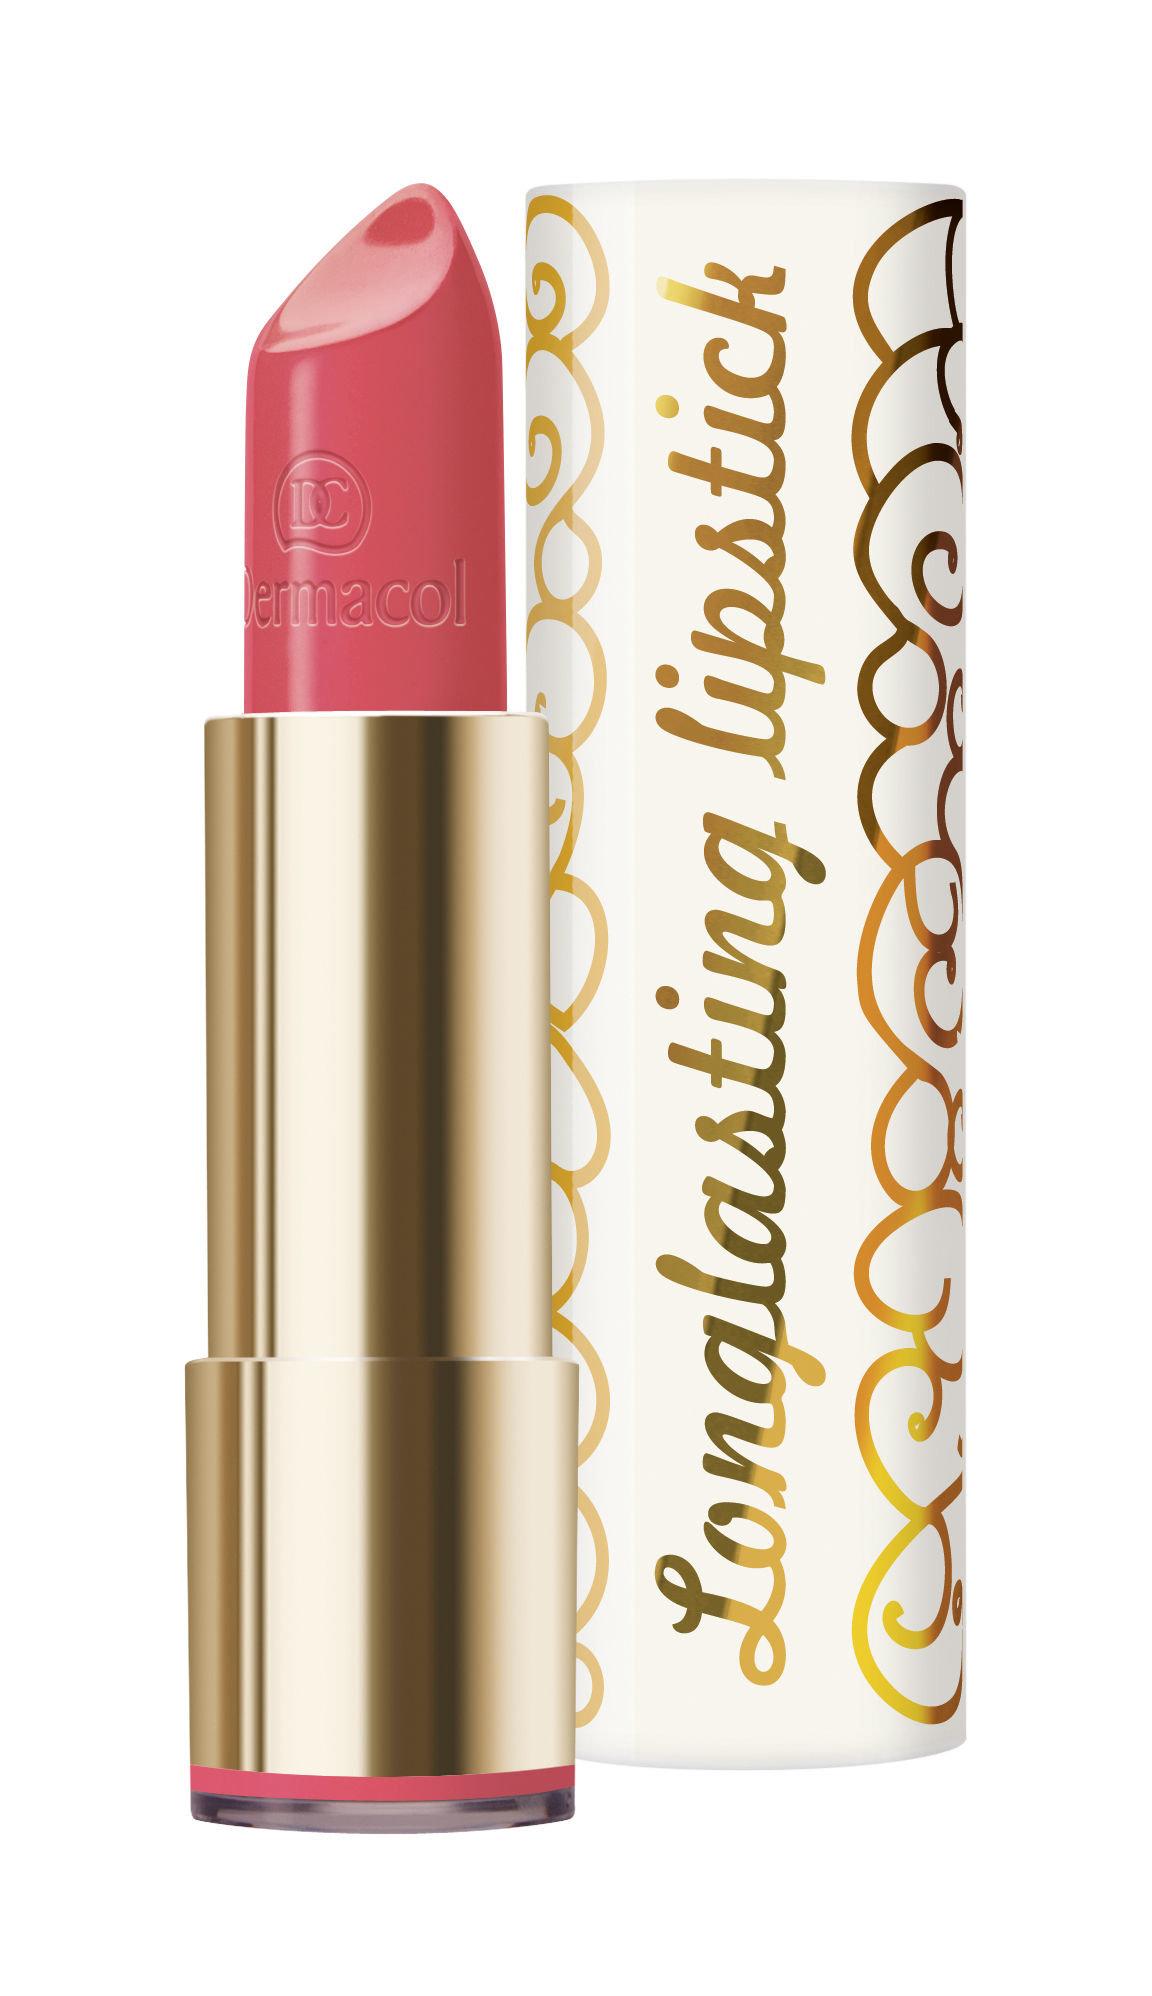 Dermacol Longlasting Cosmetic 4,8ml 09